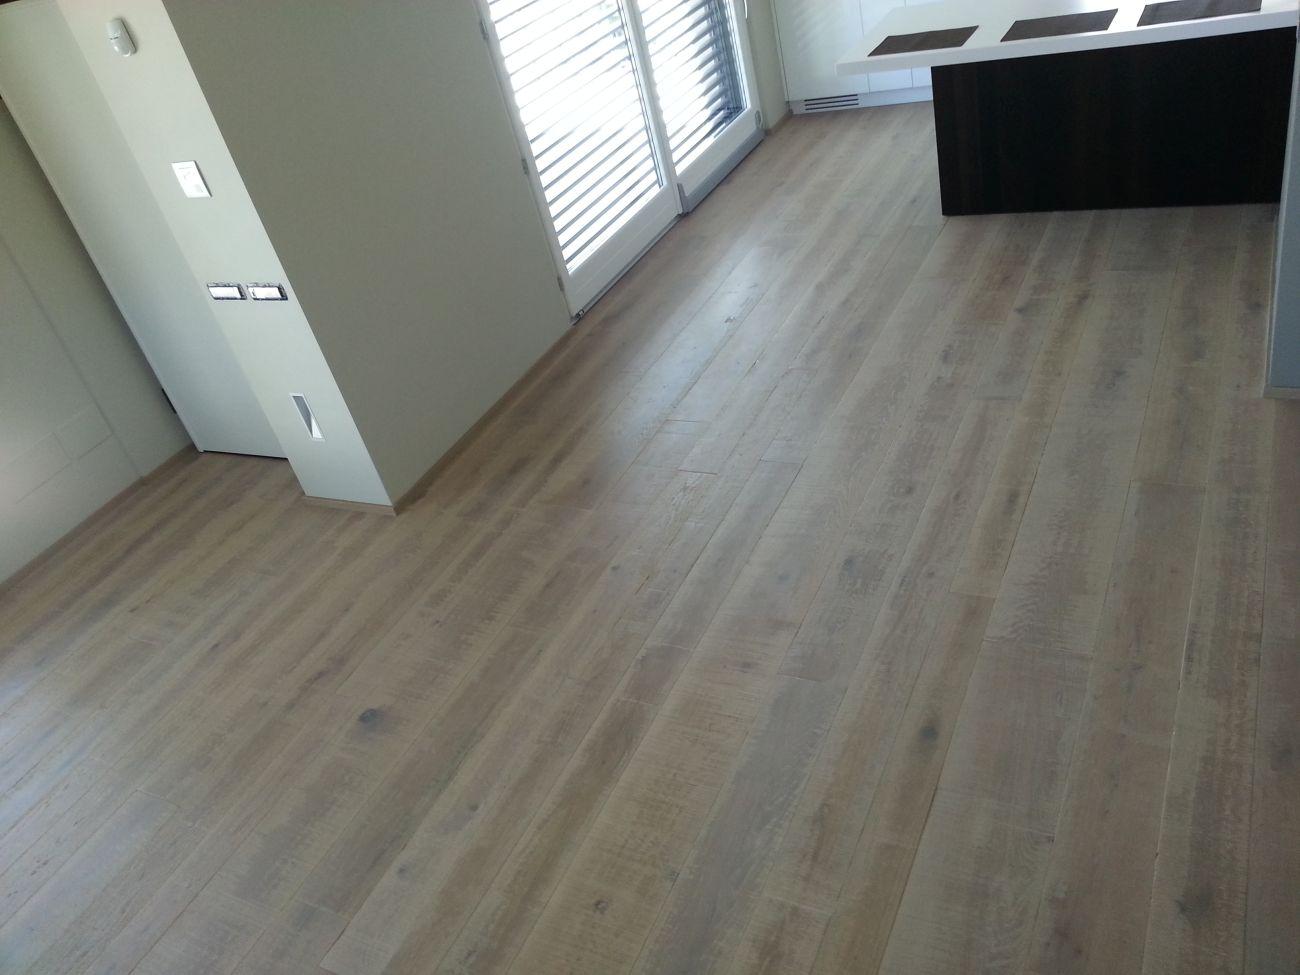 parquet per interni by Soriano pavimenti Induno Olona 51